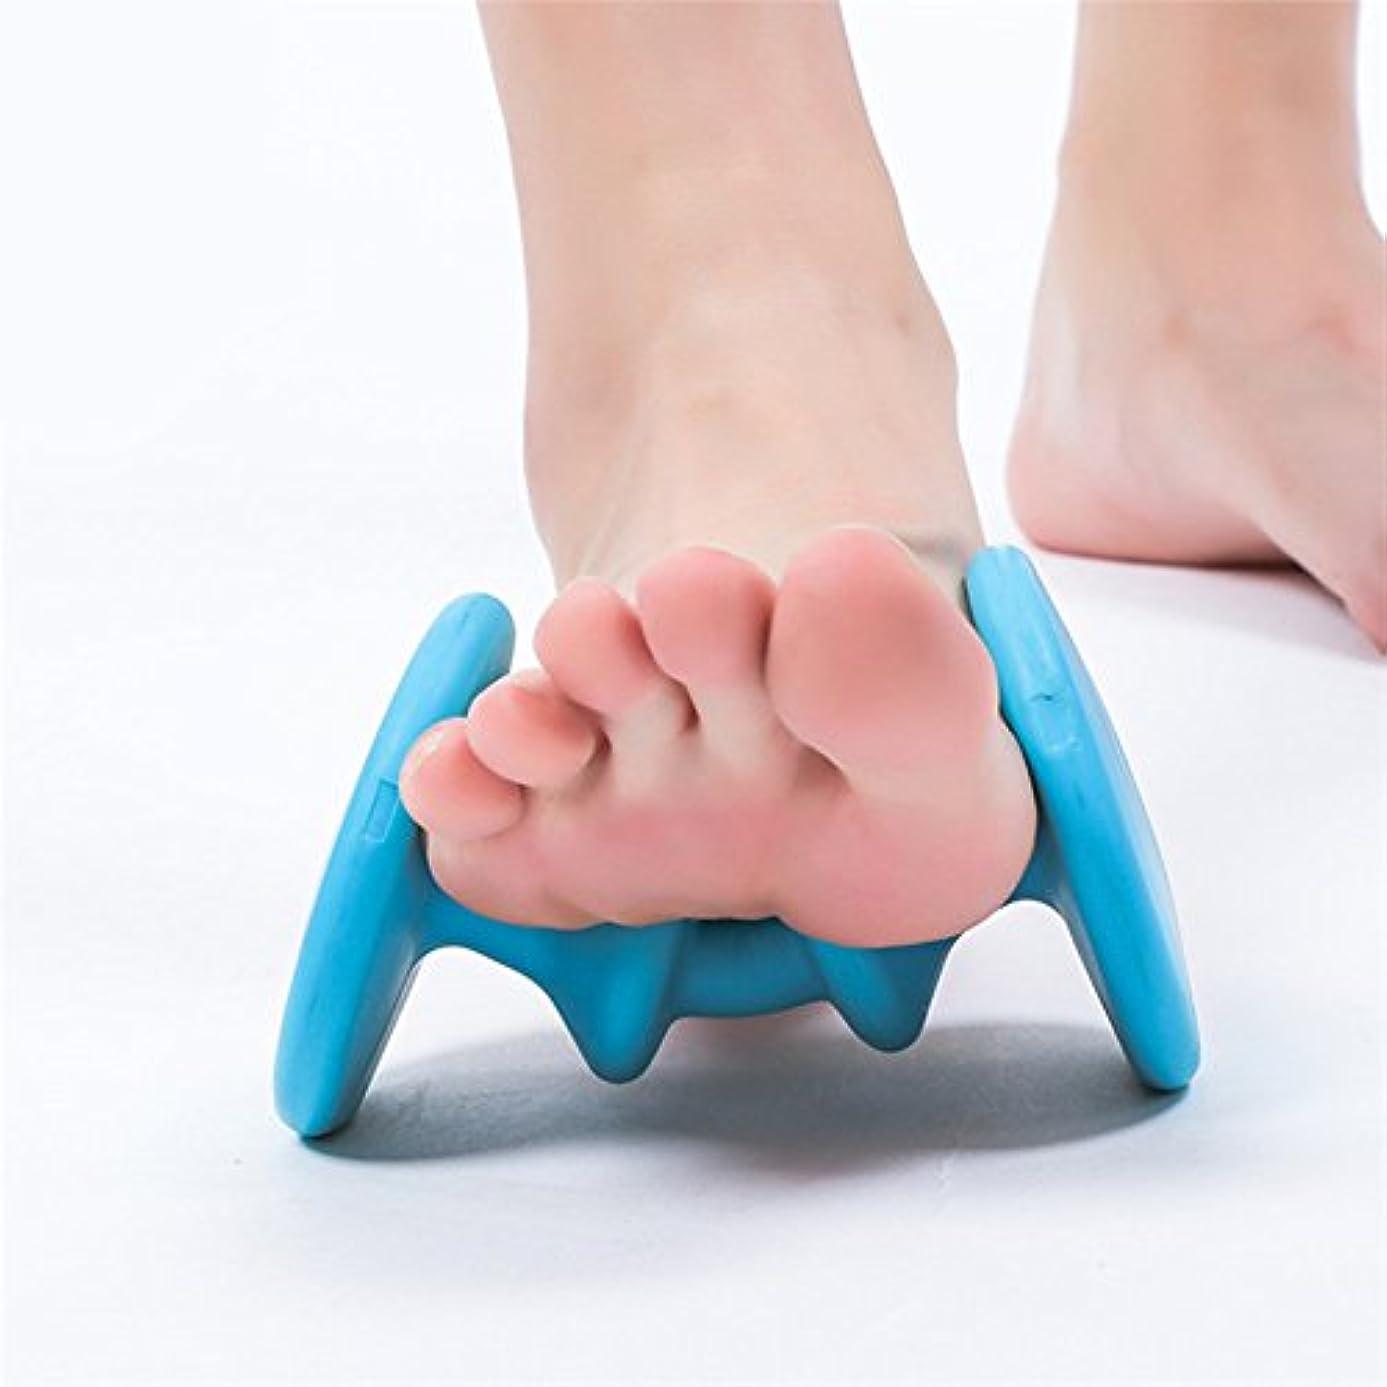 指導するする必要がある有効化Rabugoo 足のマッサージローラーAcupoint快適なリラクゼーションマッサージ装置のフットケアツール